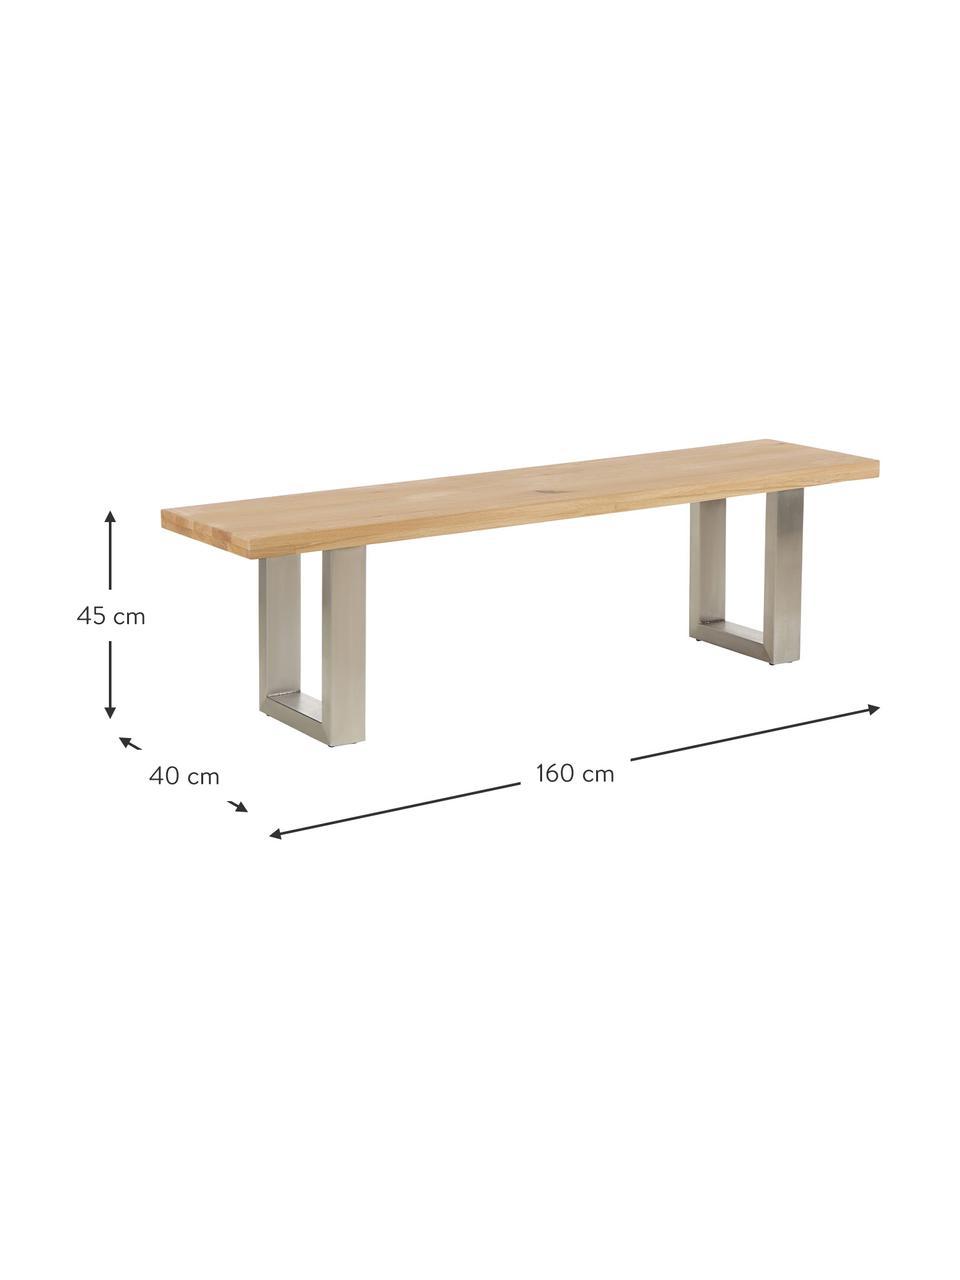 Ławka z drewna dębowego Oliver, Nogi: stal lakierowana matowo, Dzikie drewno dębowe, stal szlachetna, S 180 x W 45 cm